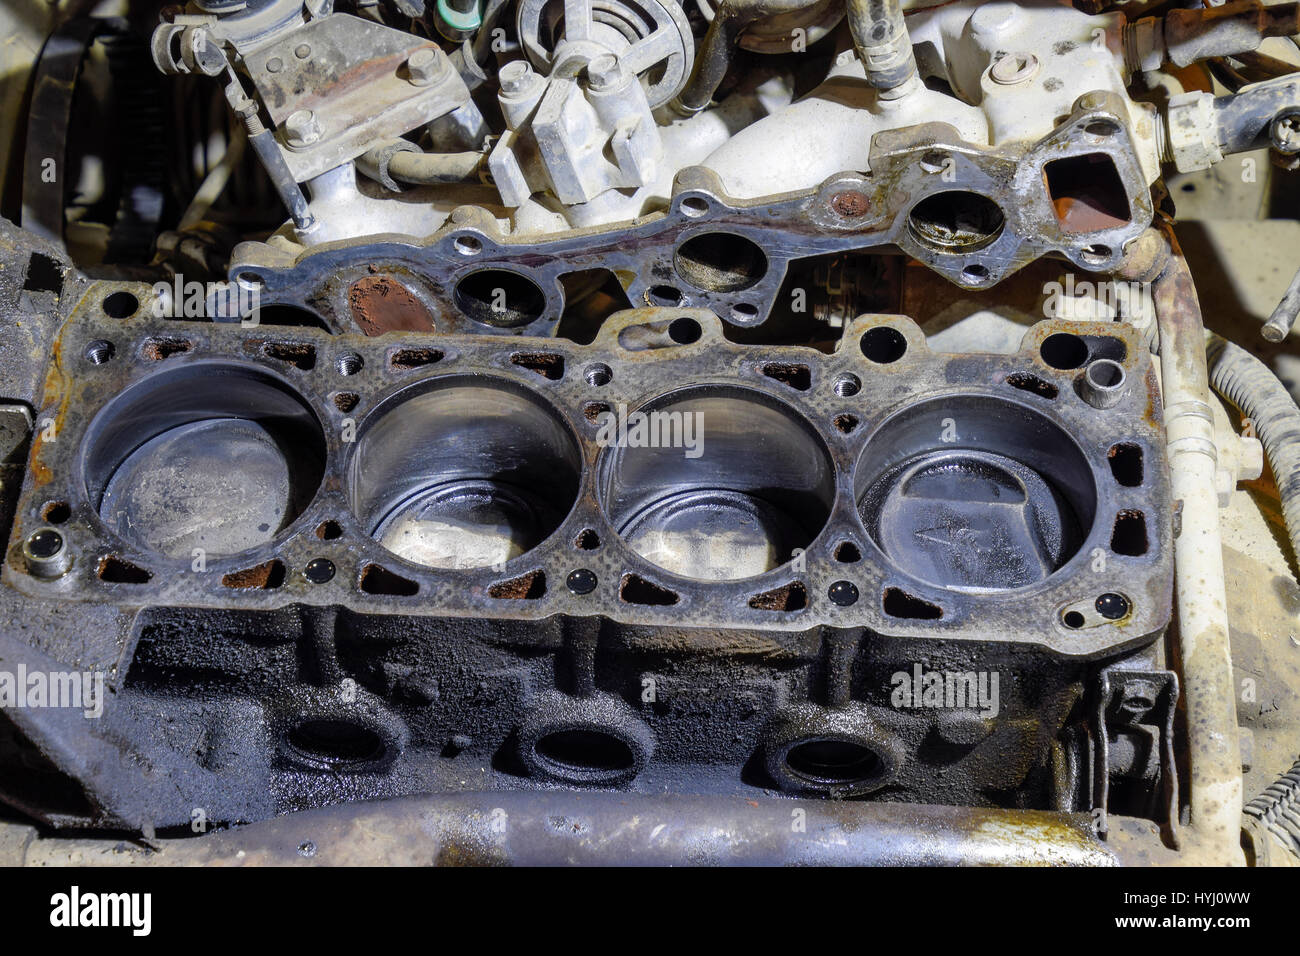 Der Zylinderblock des Vierzylinder-Motors. Zerlegten Motor Fahrzeug ...